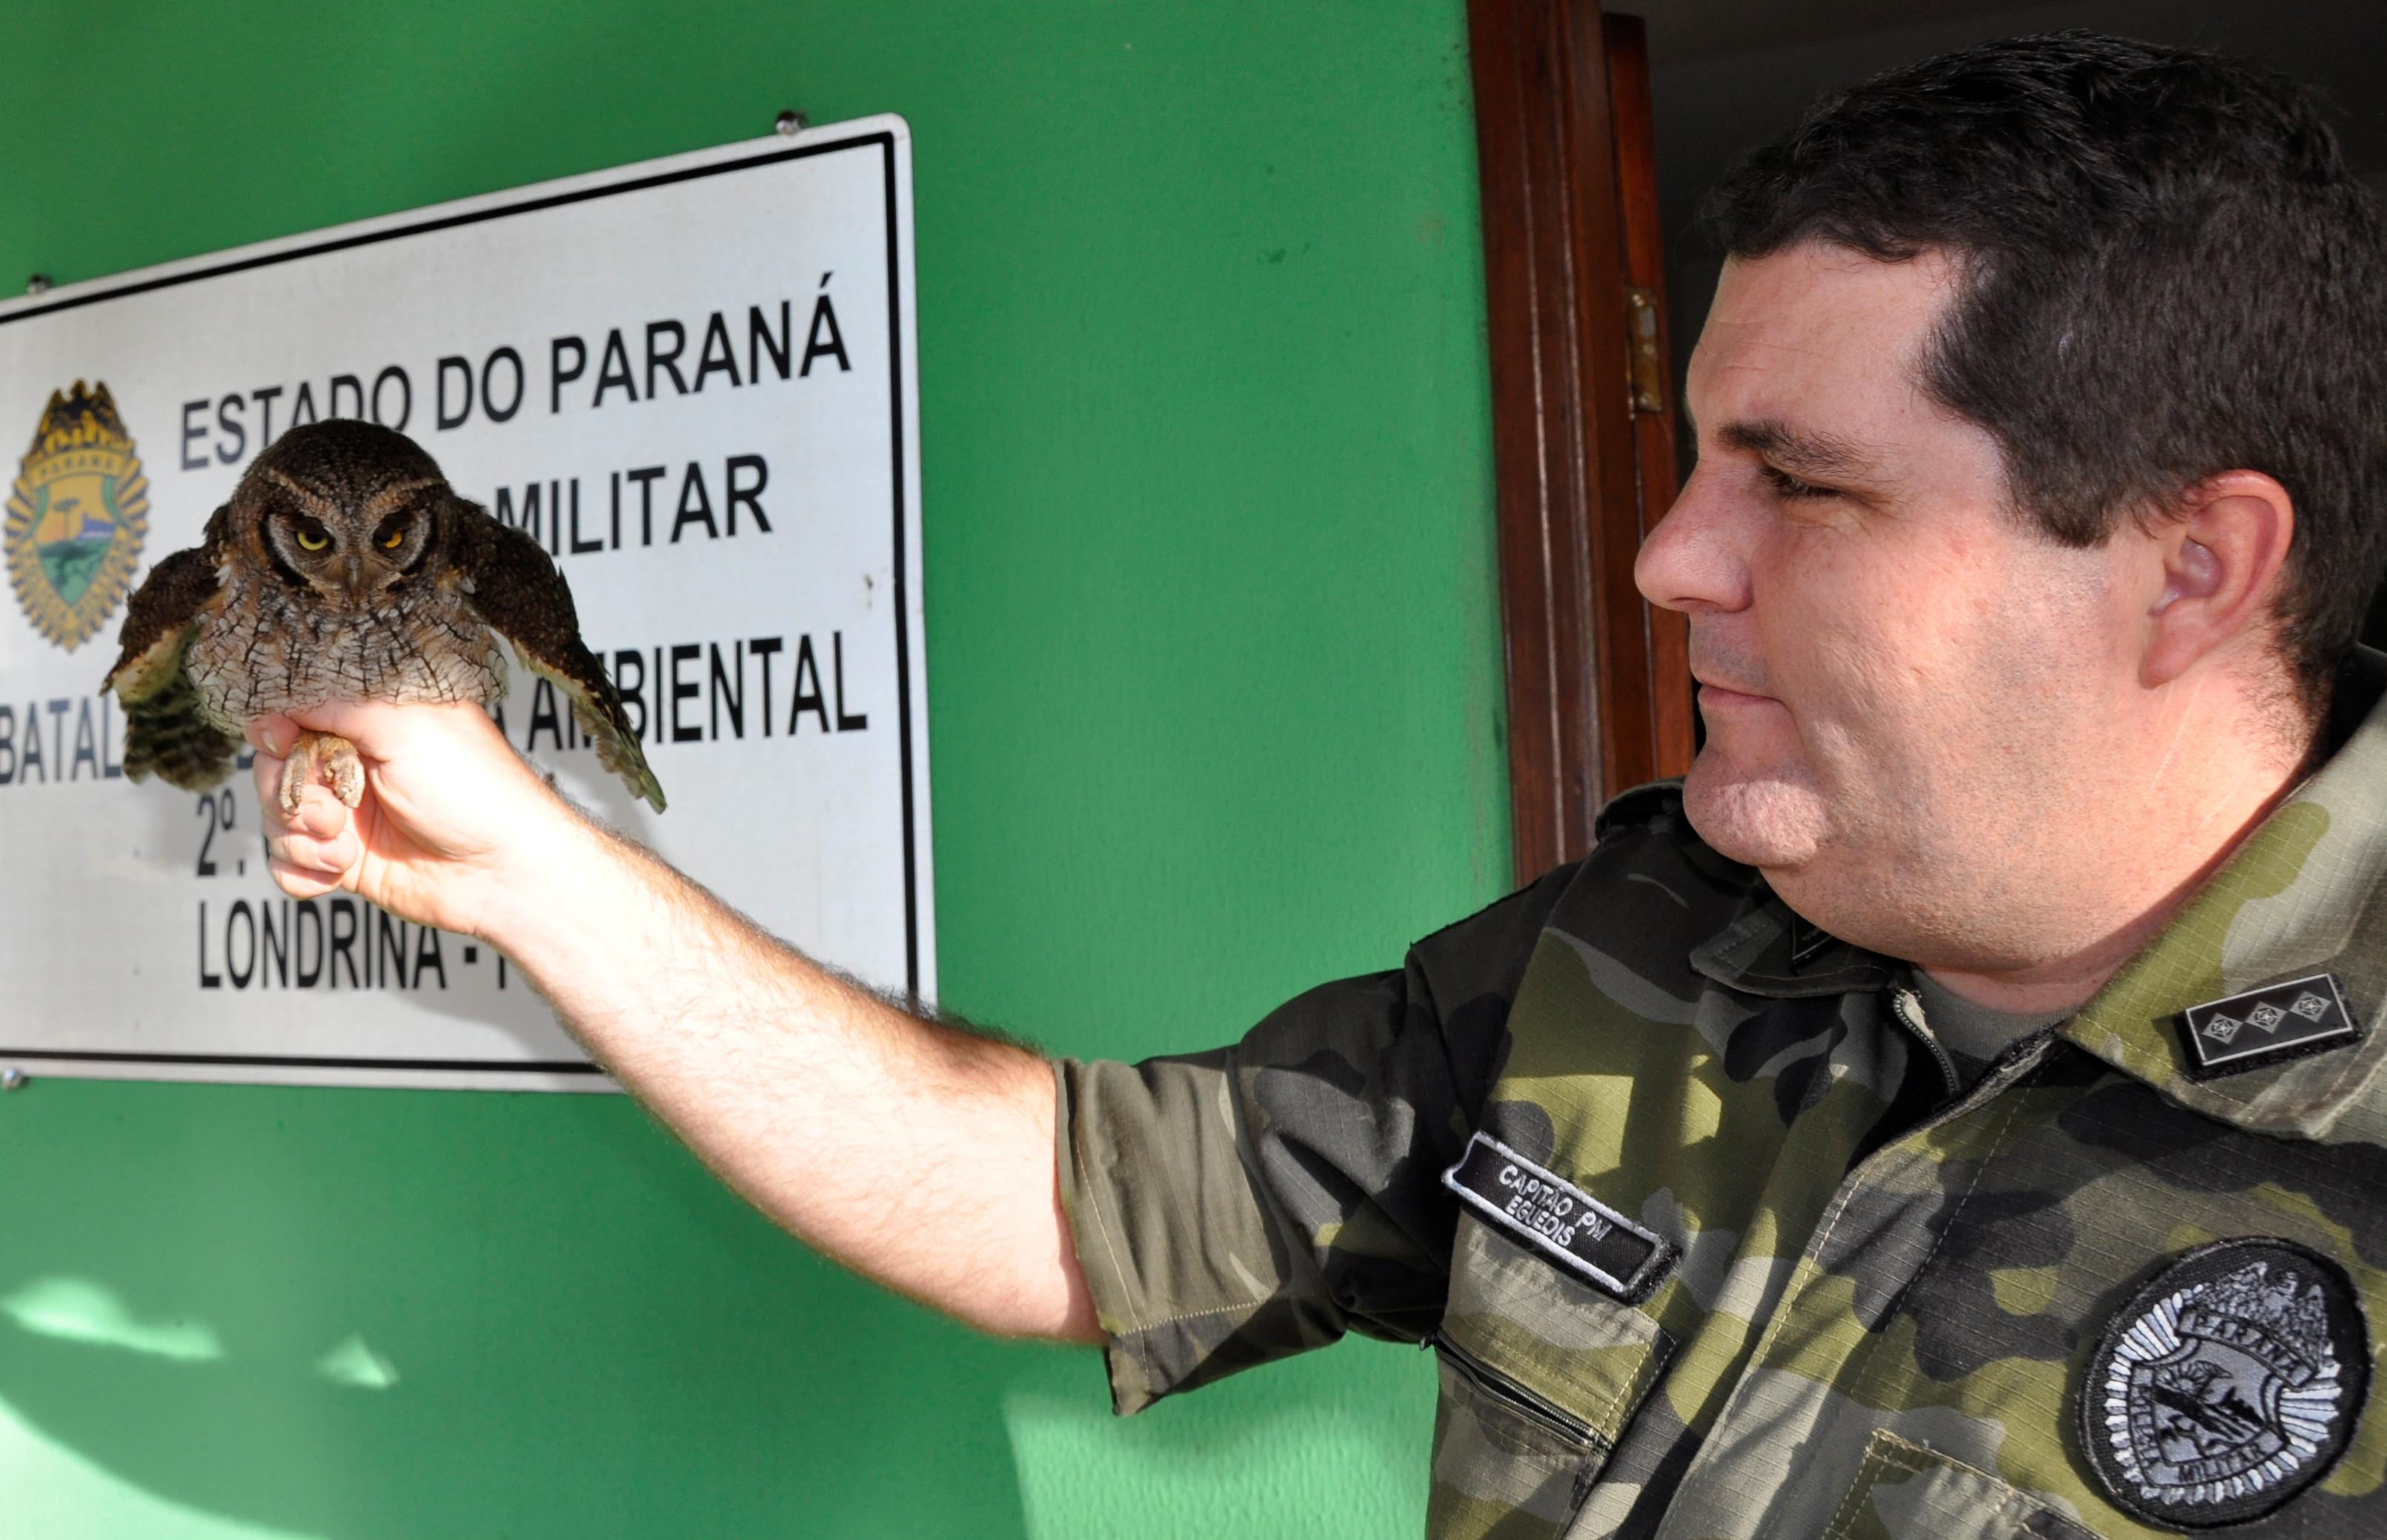 POLÍCIA MILITAR AMBIENTAL AUXILIA NO RESGATE DE JOVEM CORUJA DO MATO EM LONDRINA.